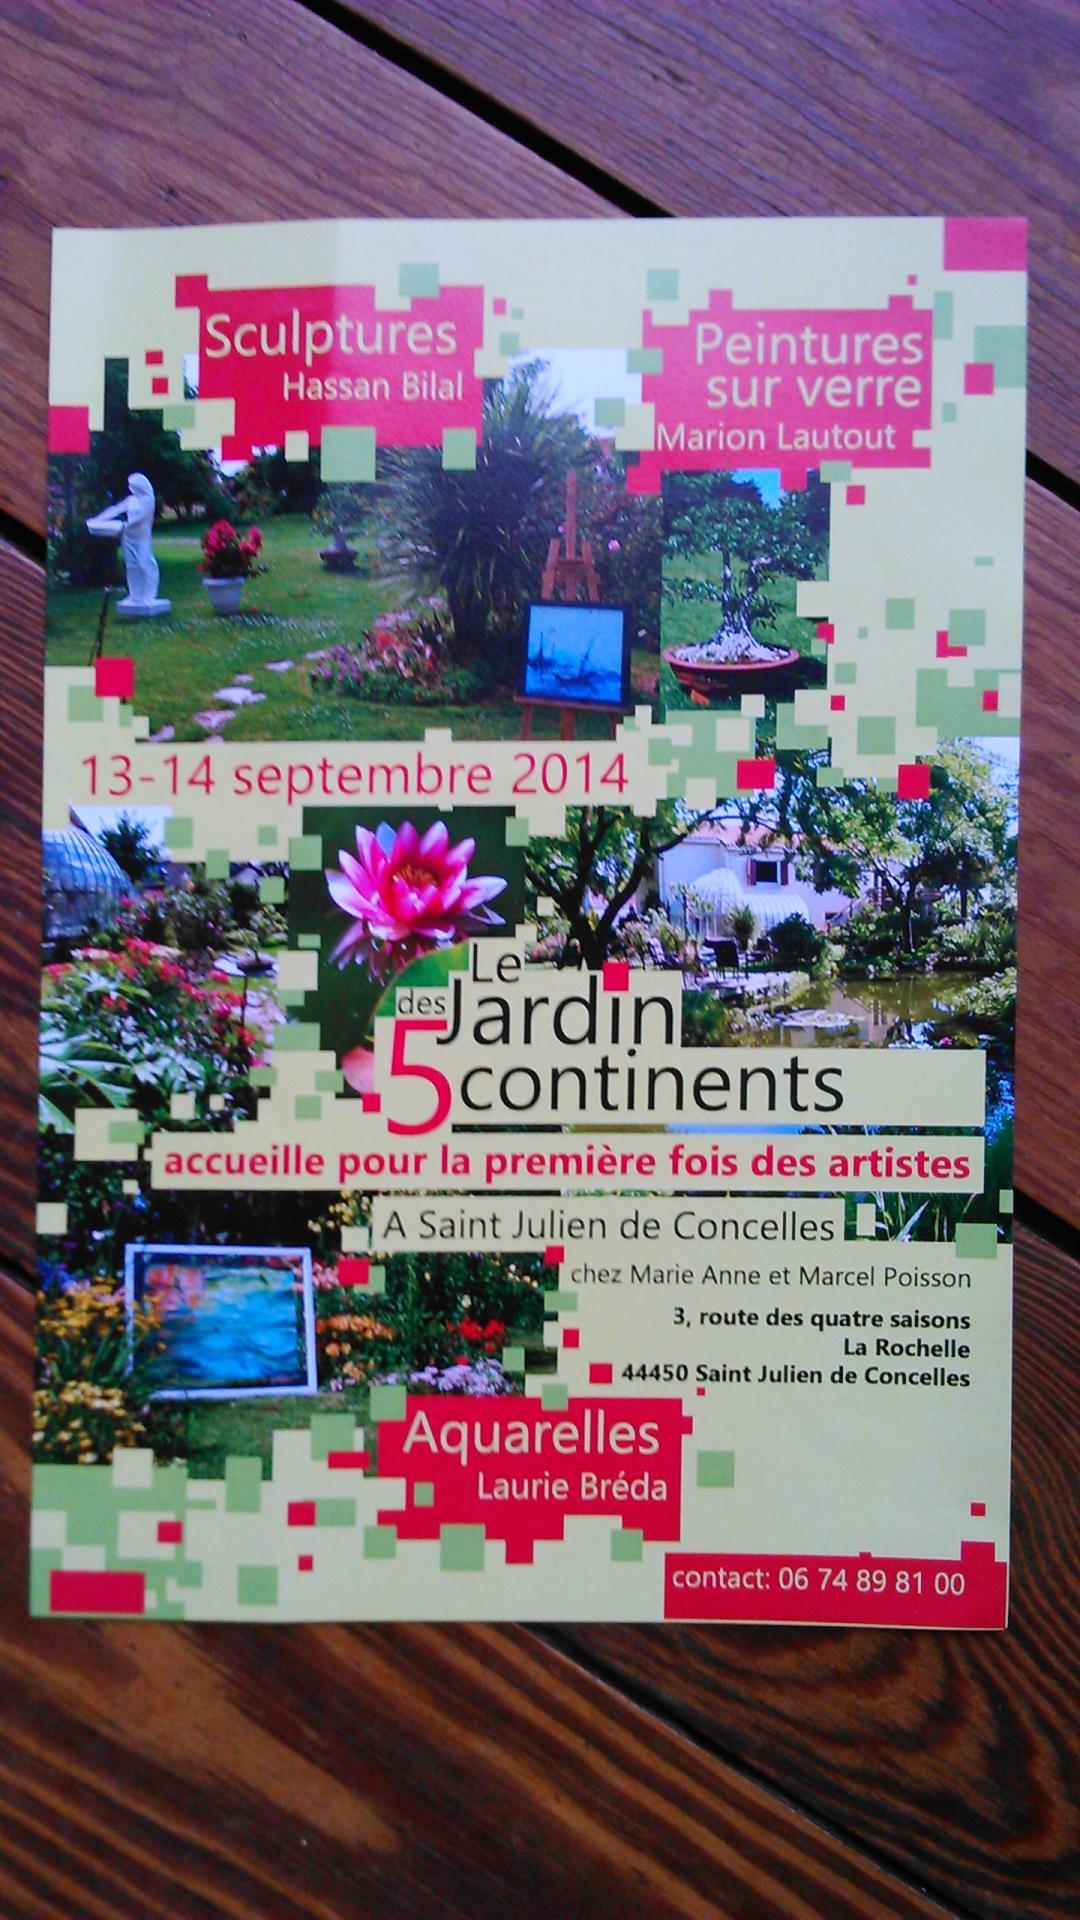 Jardin des 5 continents, St Julien de Concelles, été 2014